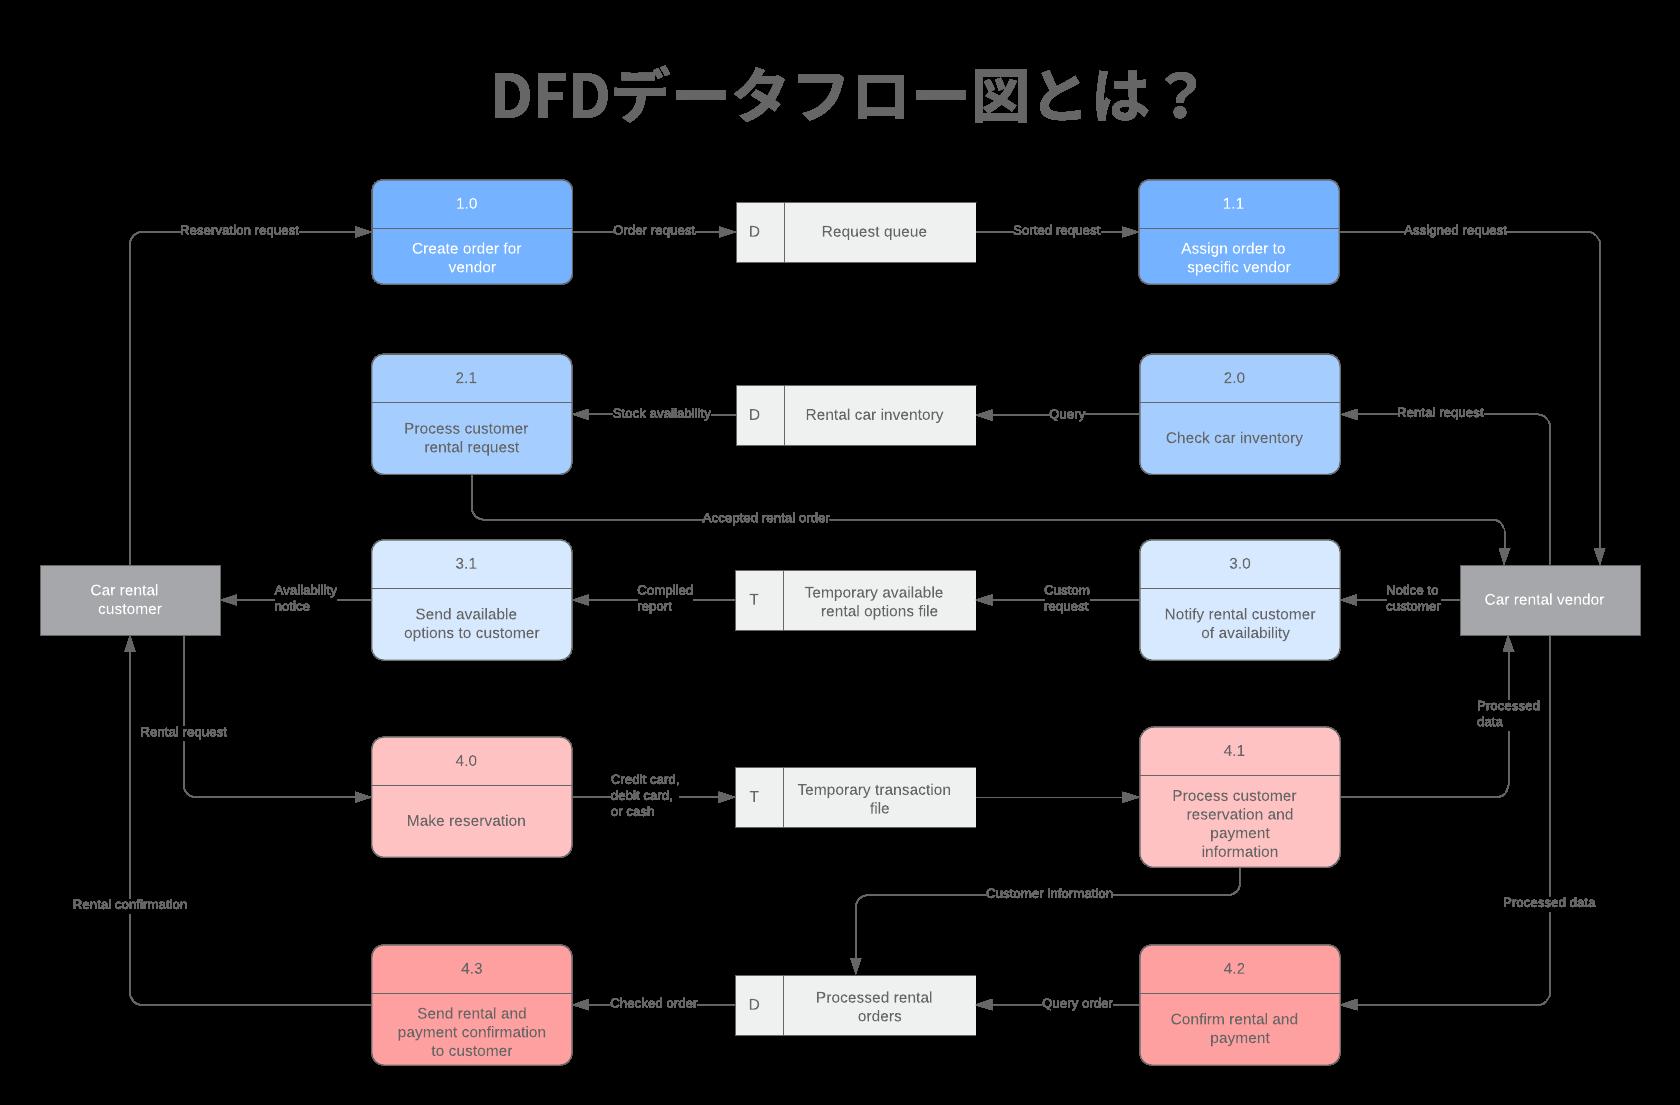 DFD(データフロー図)とは?